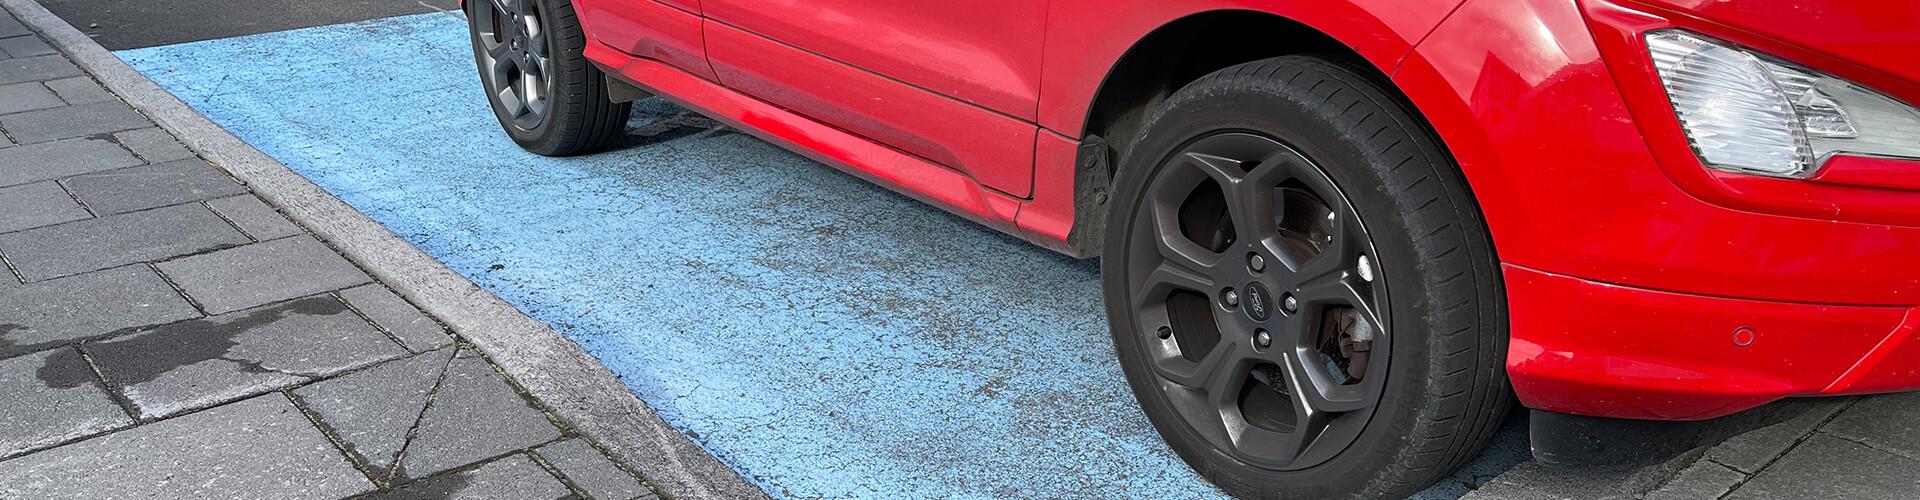 Ein kleines, rotes Auto steht auf einem blauen Behindertenparkplatz. Vorne steht es mit der Motorhaube über den Gehsteig, hinten schließt es bündig ab. Daneben ist die Rampe auf den Gehsteig, die nicht genutzt werden kann, weil das Auto genau dort steht.